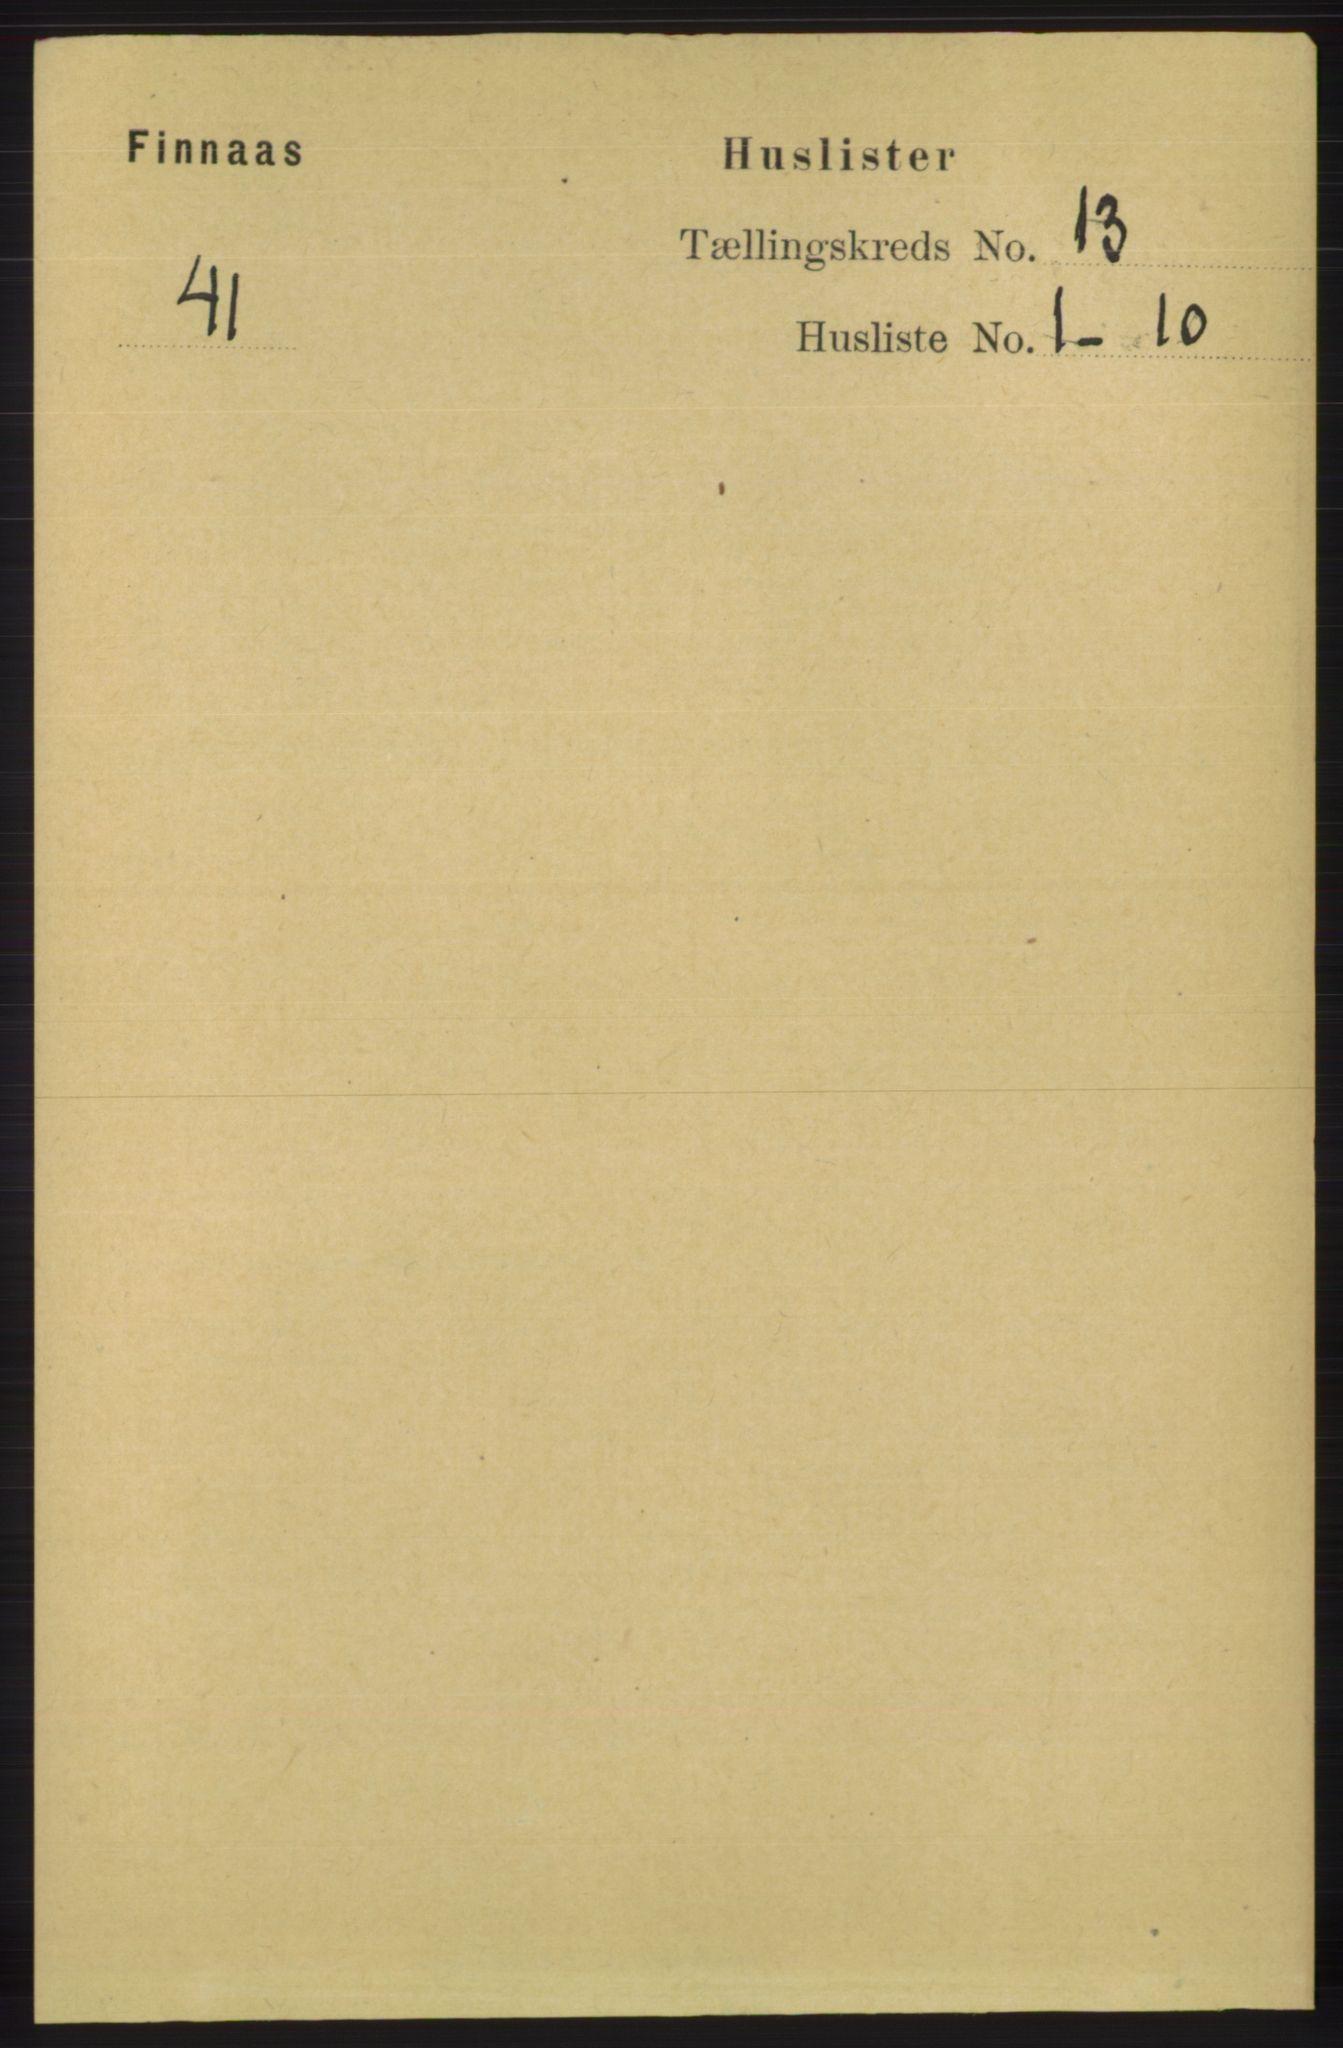 RA, Folketelling 1891 for 1218 Finnås herred, 1891, s. 5575